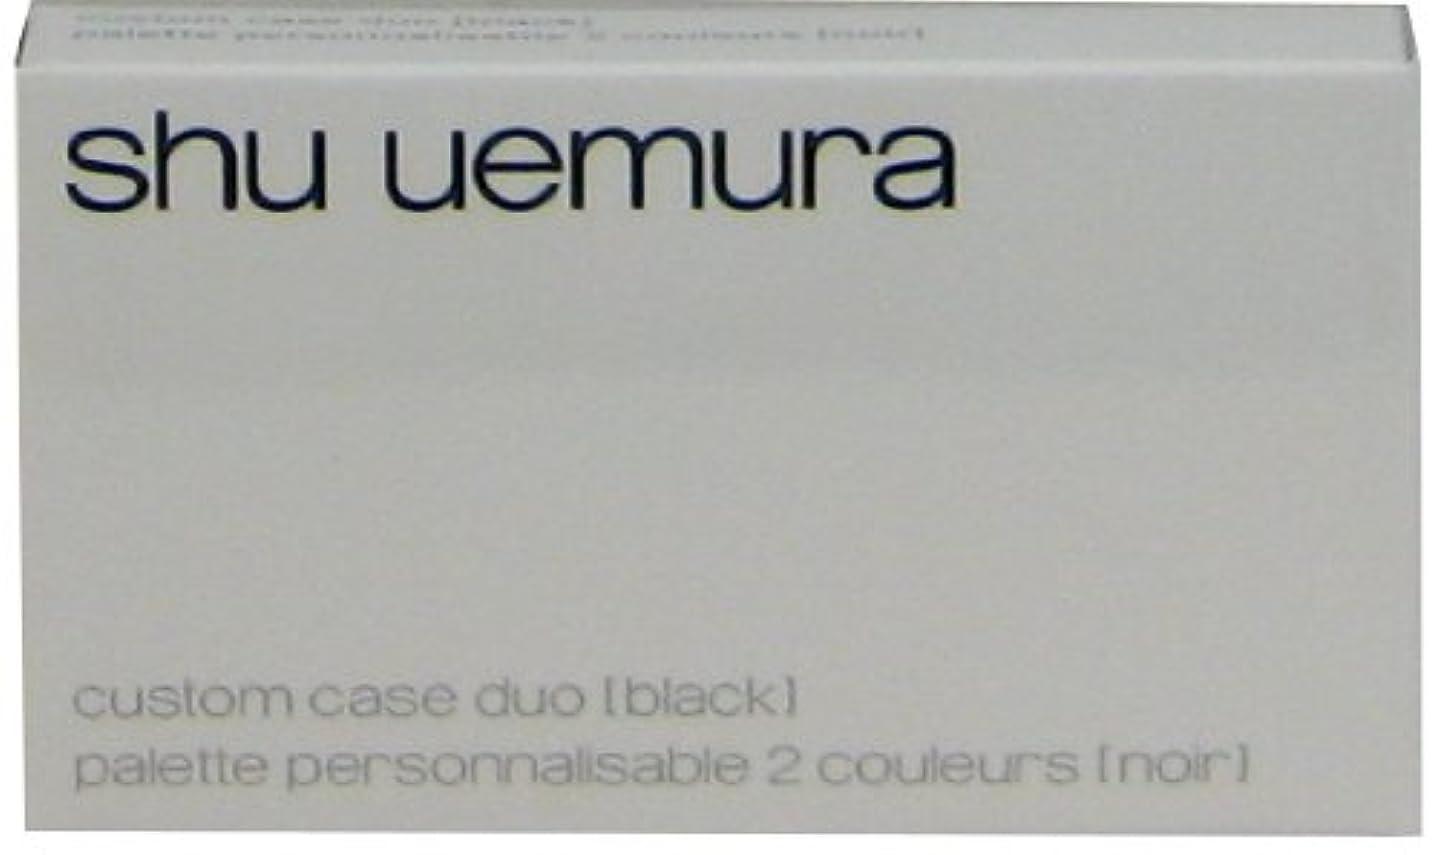 フォーム費やすコマンドシュウウエムラ カスタムケース II(ブラック)